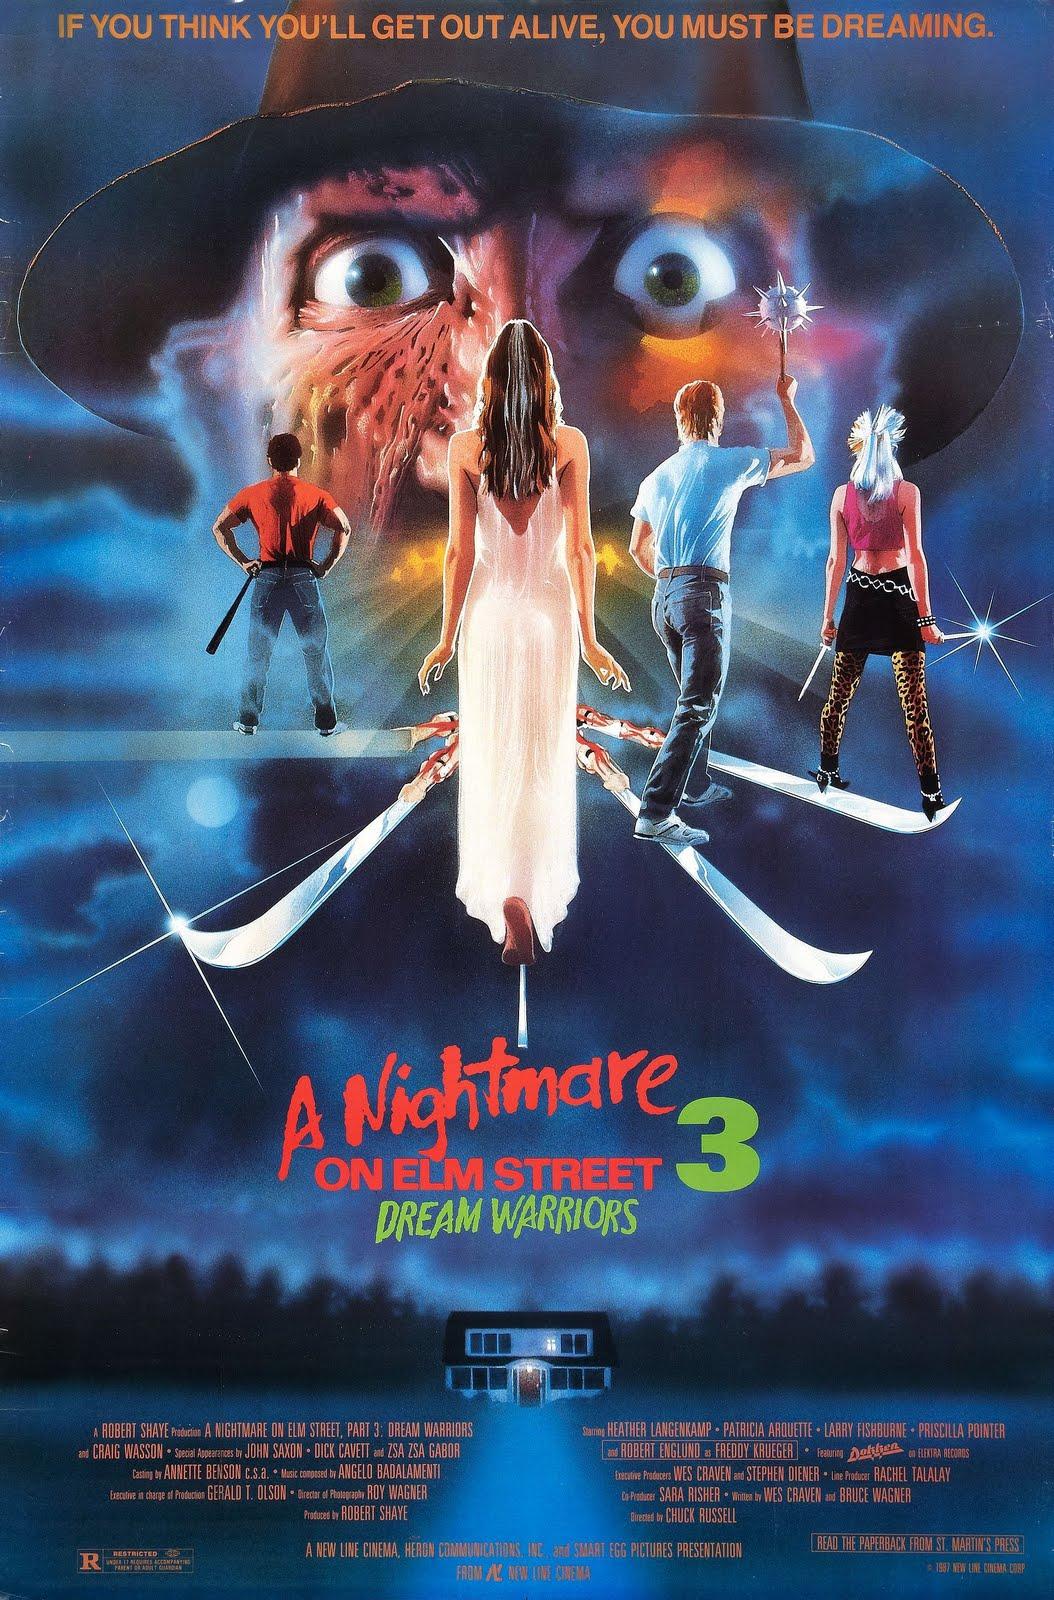 A Nightmare on Elm Street 3 (1987)